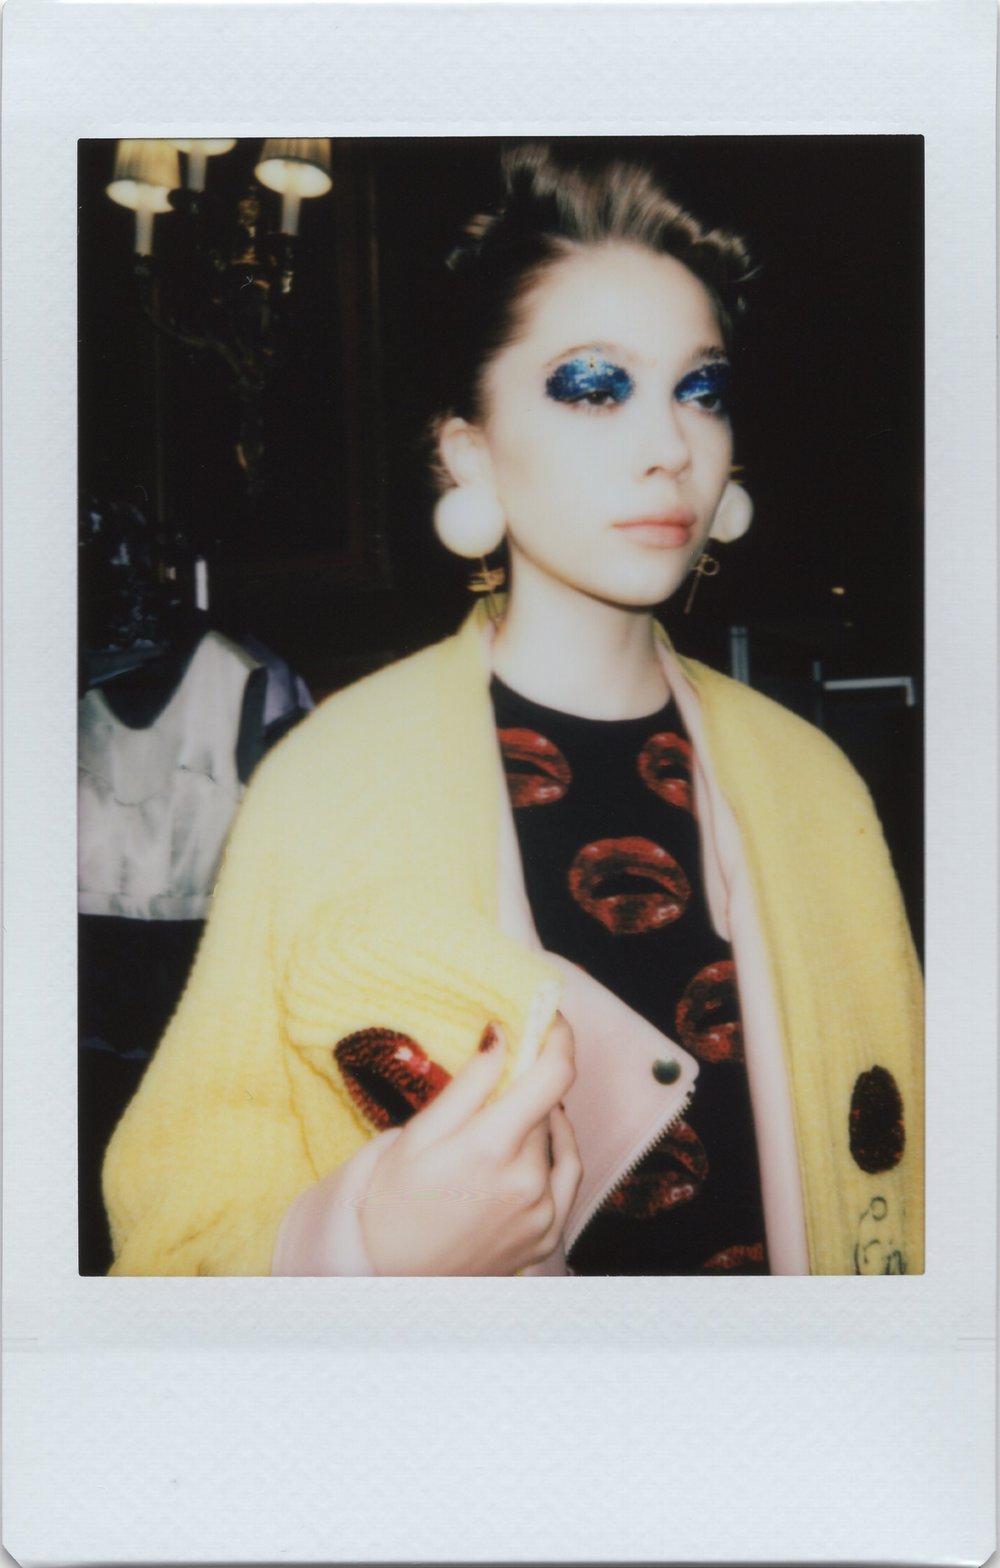 Undercover_Honigschreck_Backstage_Polaroid_5.jpg